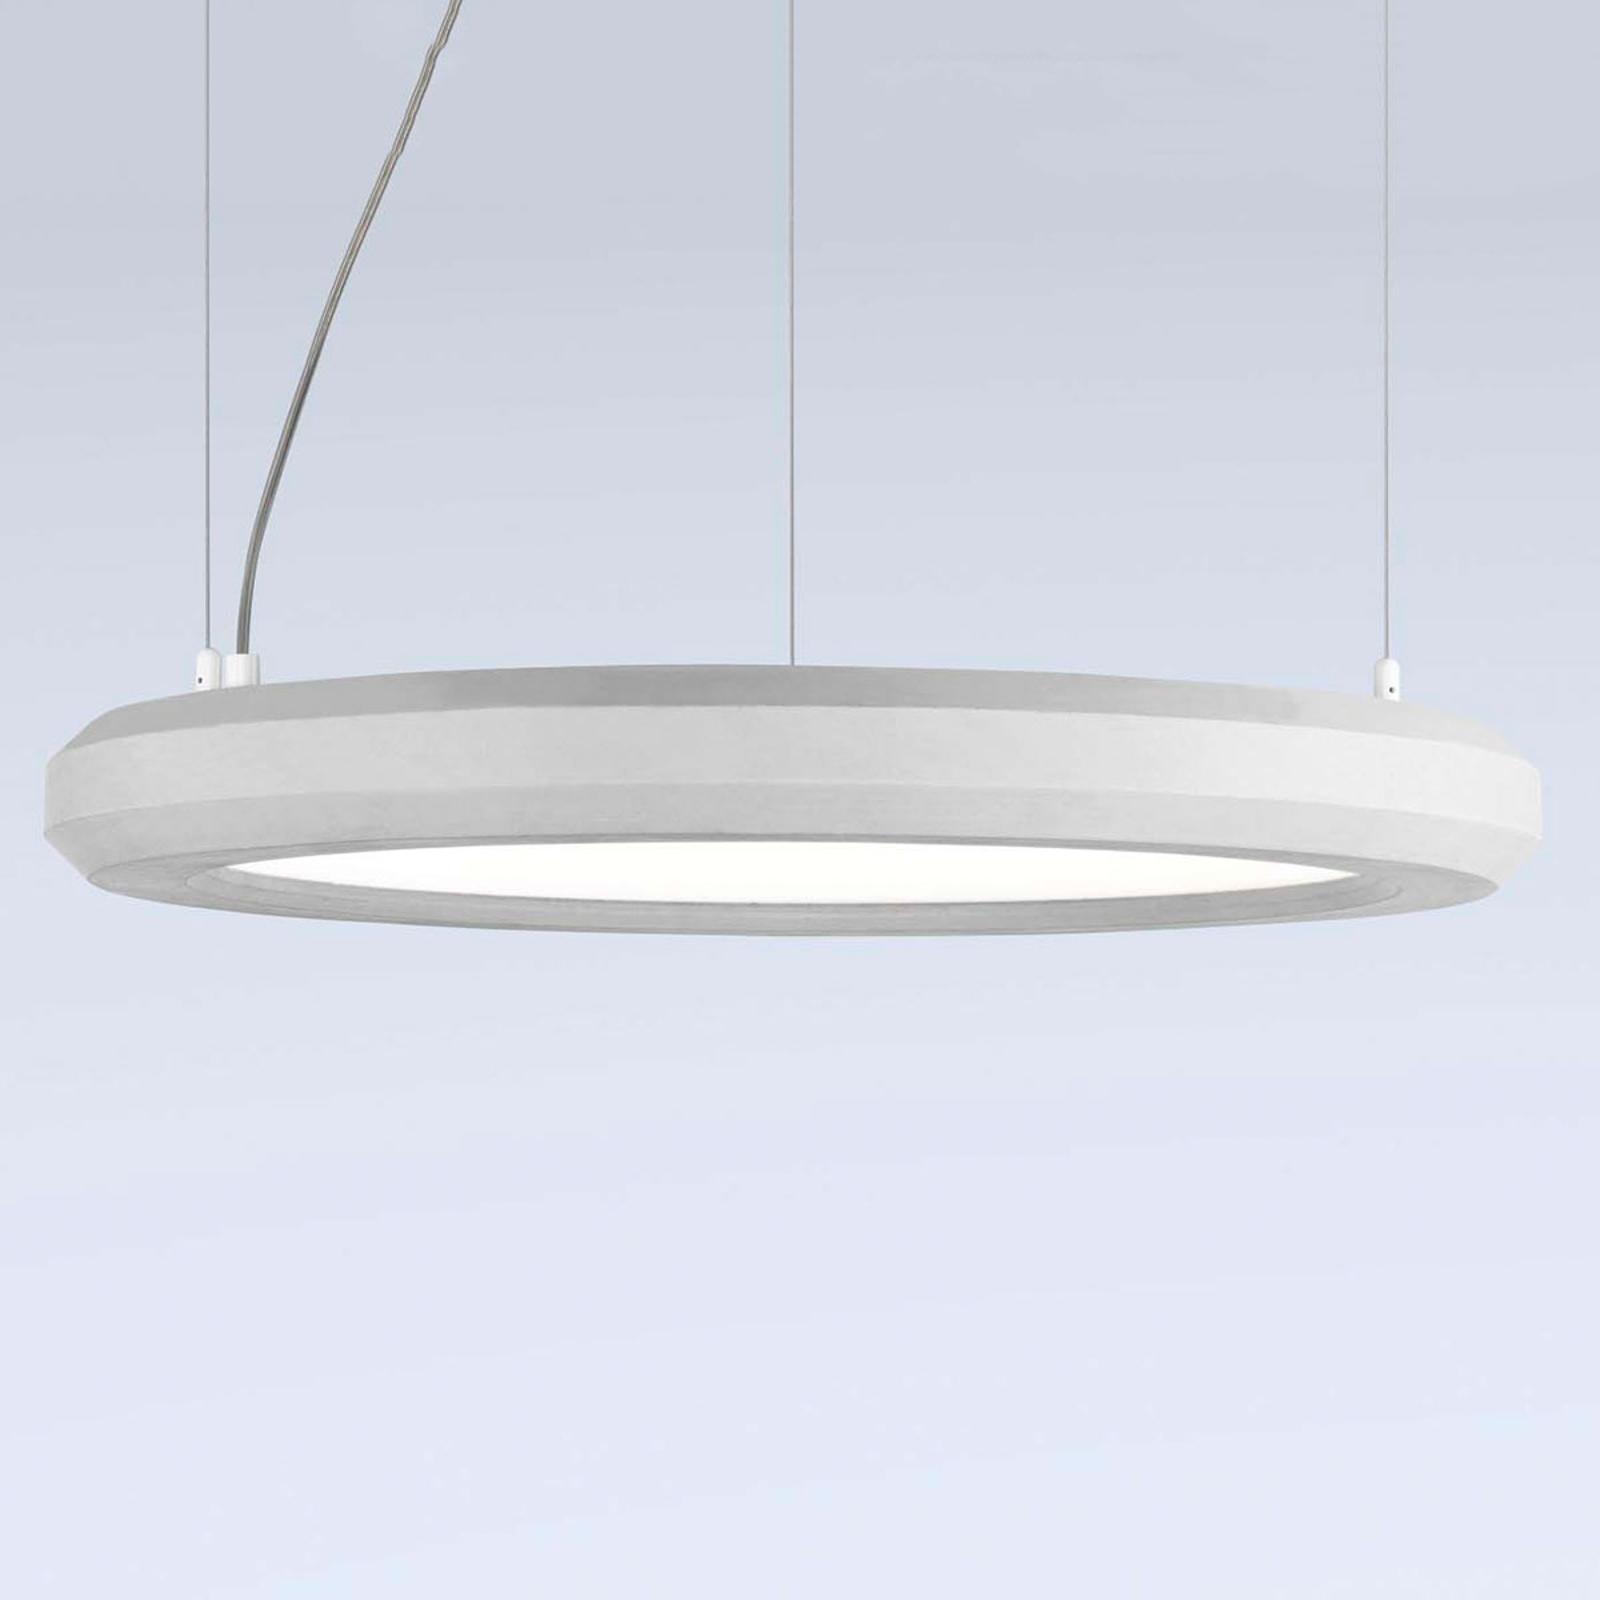 LED hanglamp Materica binnen Ø 60 cm wit